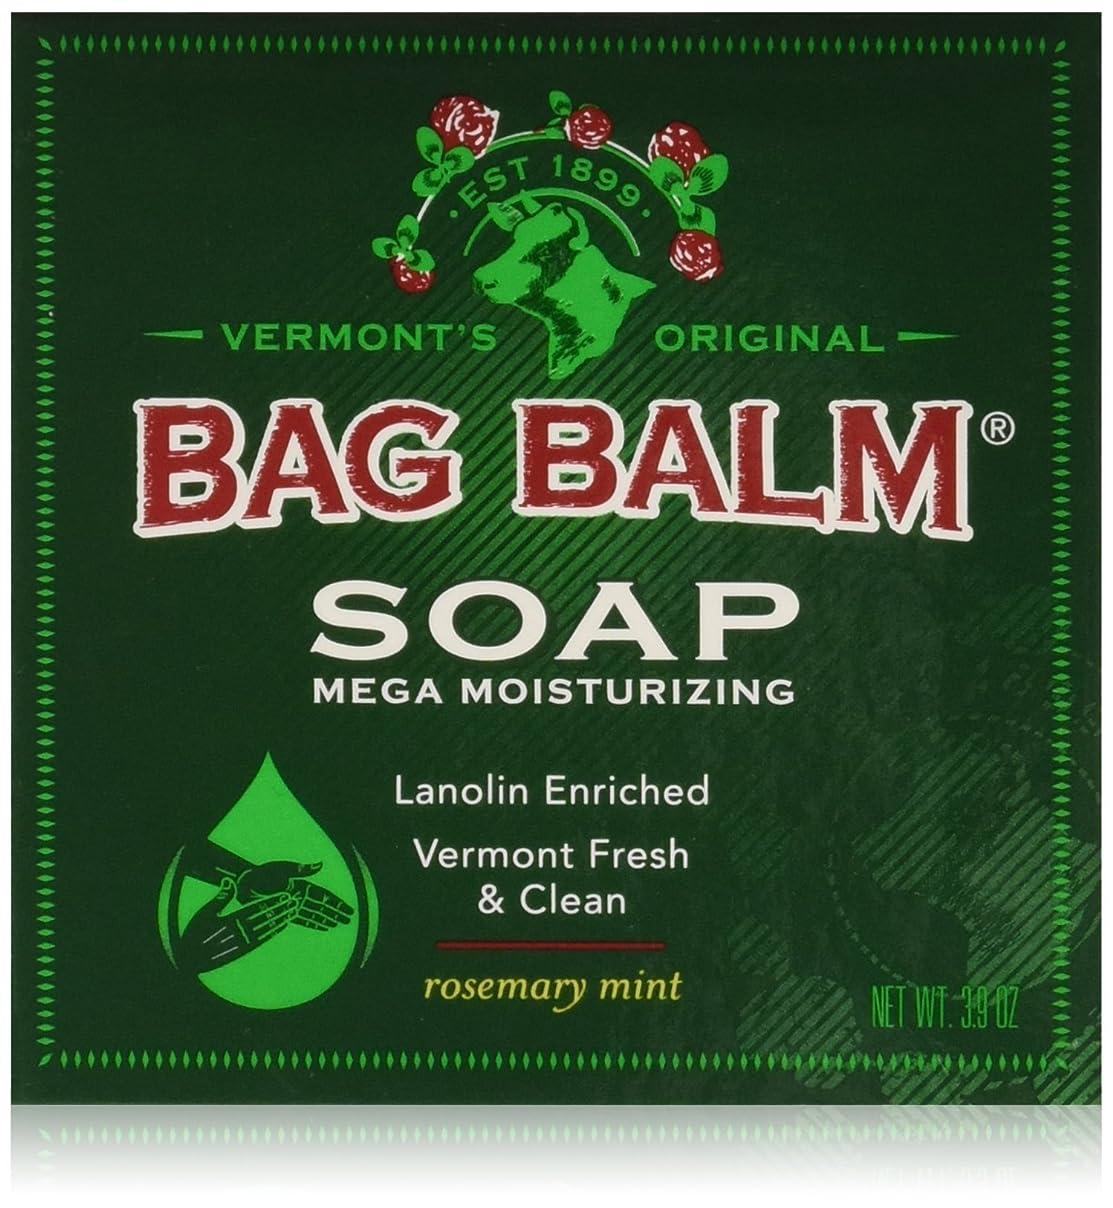 ストロー瞑想するくつろぎバッグバームの新作 メガモイスチャライジングソープ 3.9オンス 乾燥したお肌にモイスチャライズ石鹸